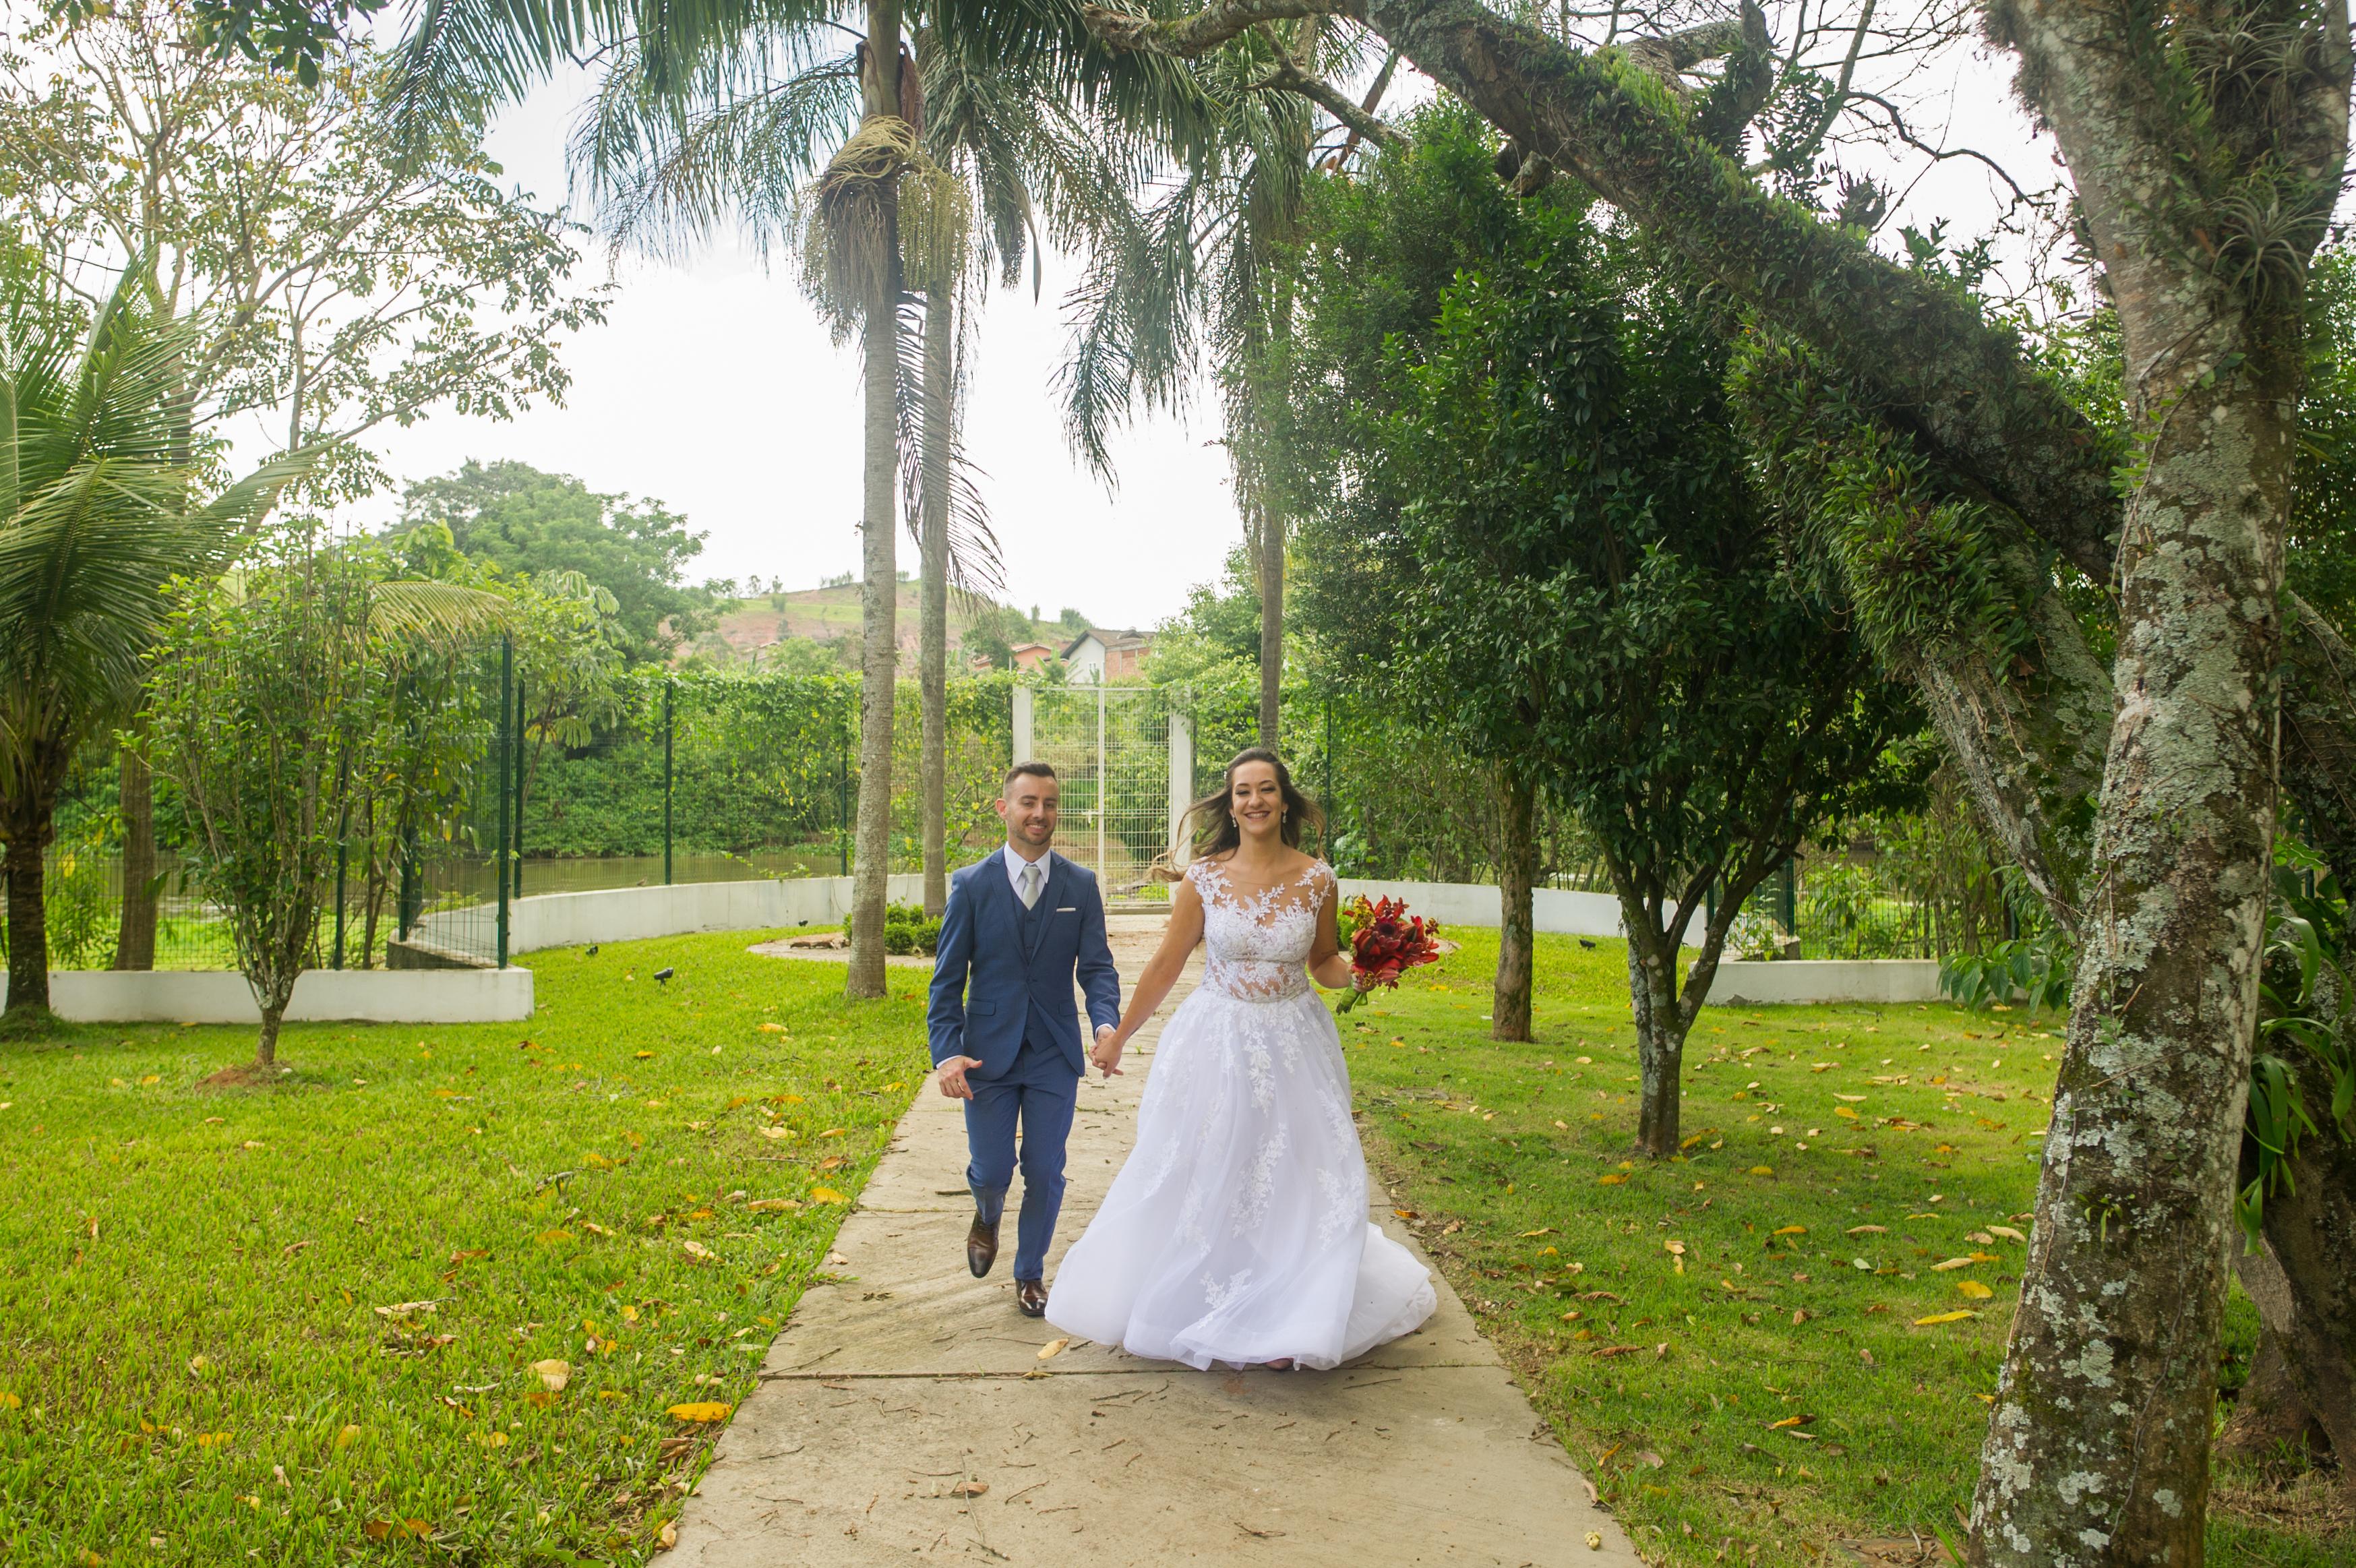 cf5163adb Cores leves, combinando com o ambiente e o momento em que estava sendo  realizado o evento. O noivo tem que ter o cuidado de estar combinando com o  vestido ...